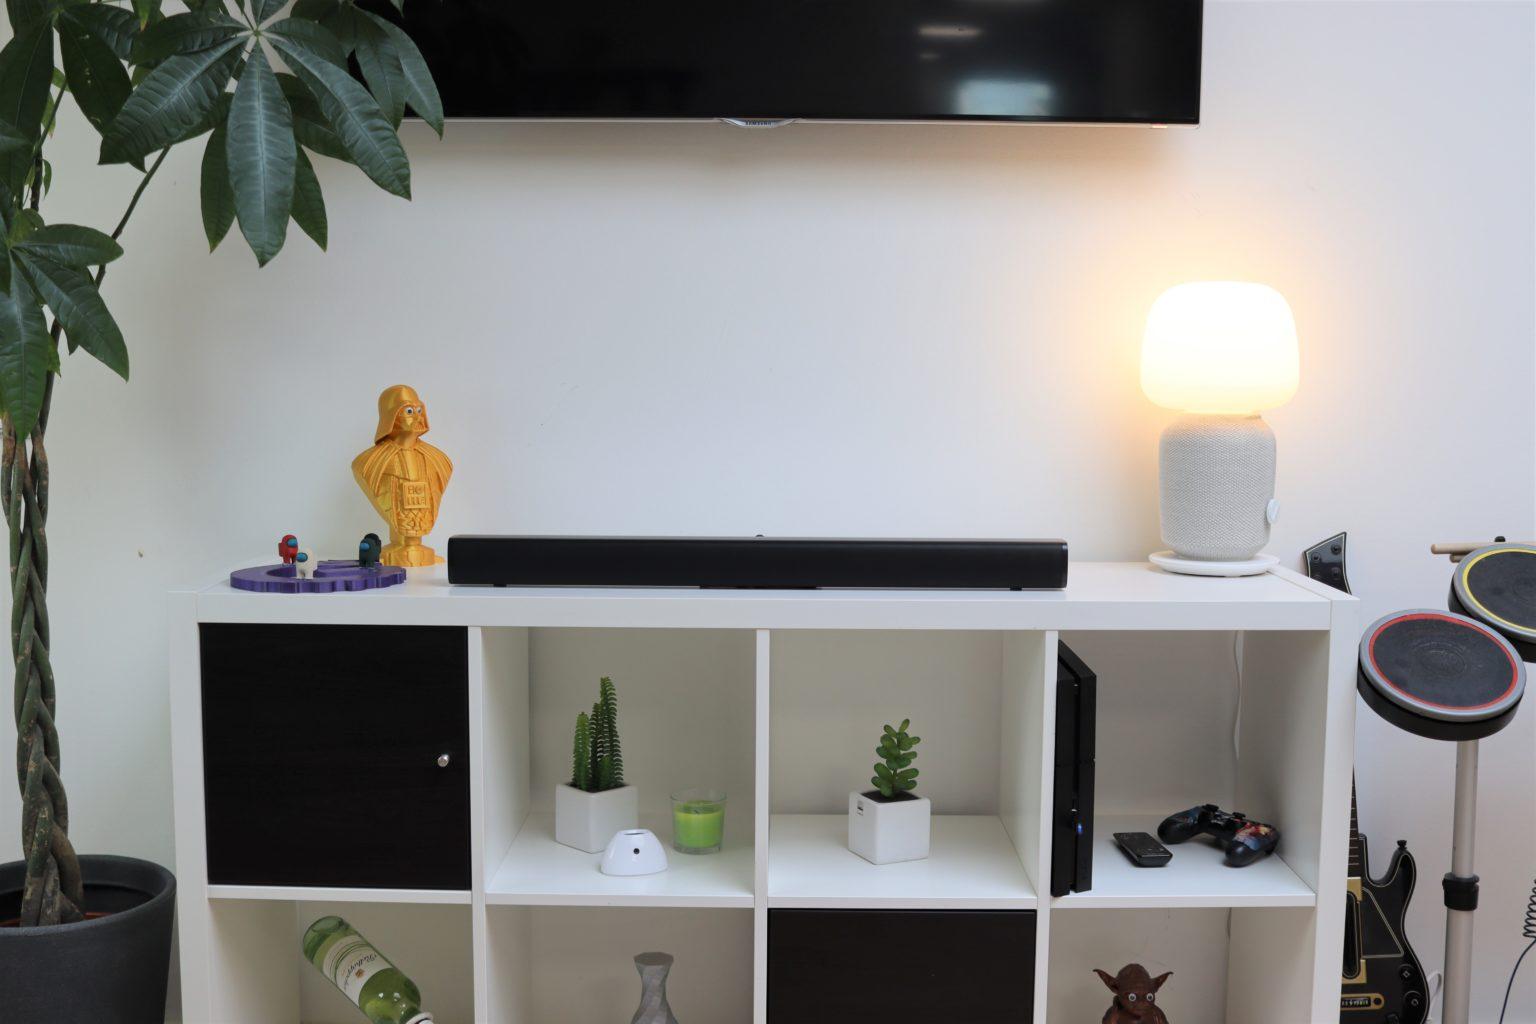 Barra de sonido para la televisión Redmi TV Soundbar sobre la estantería